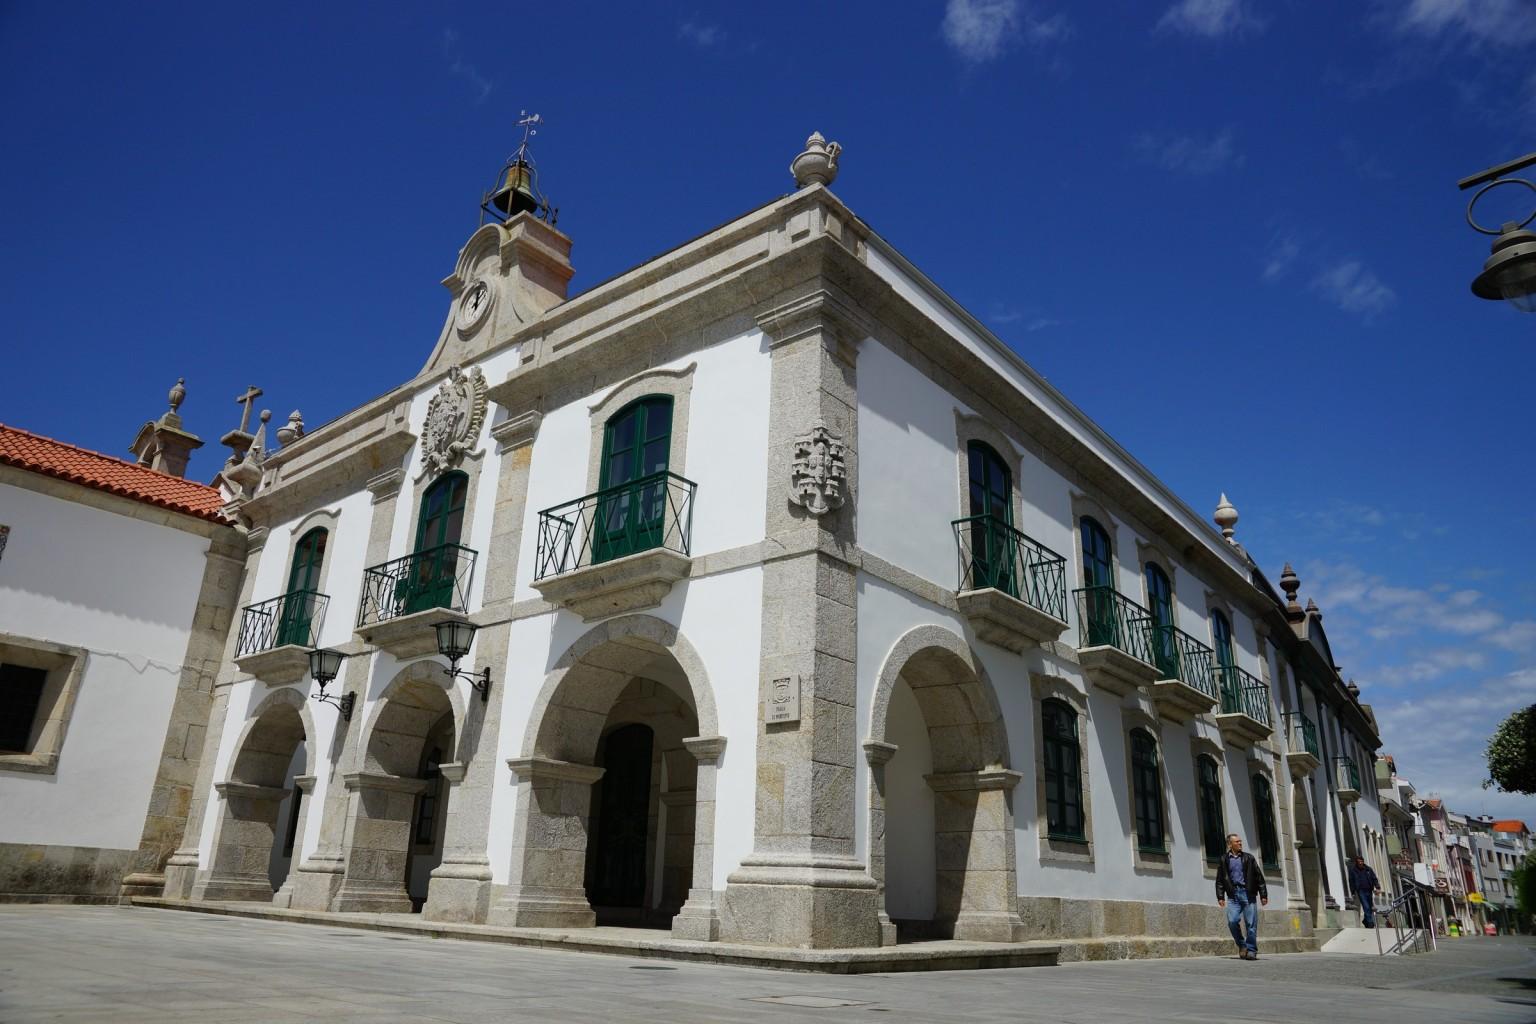 ESPOSENDE: Câmara investe 323 mil euros na requalificação da Rua da Senra